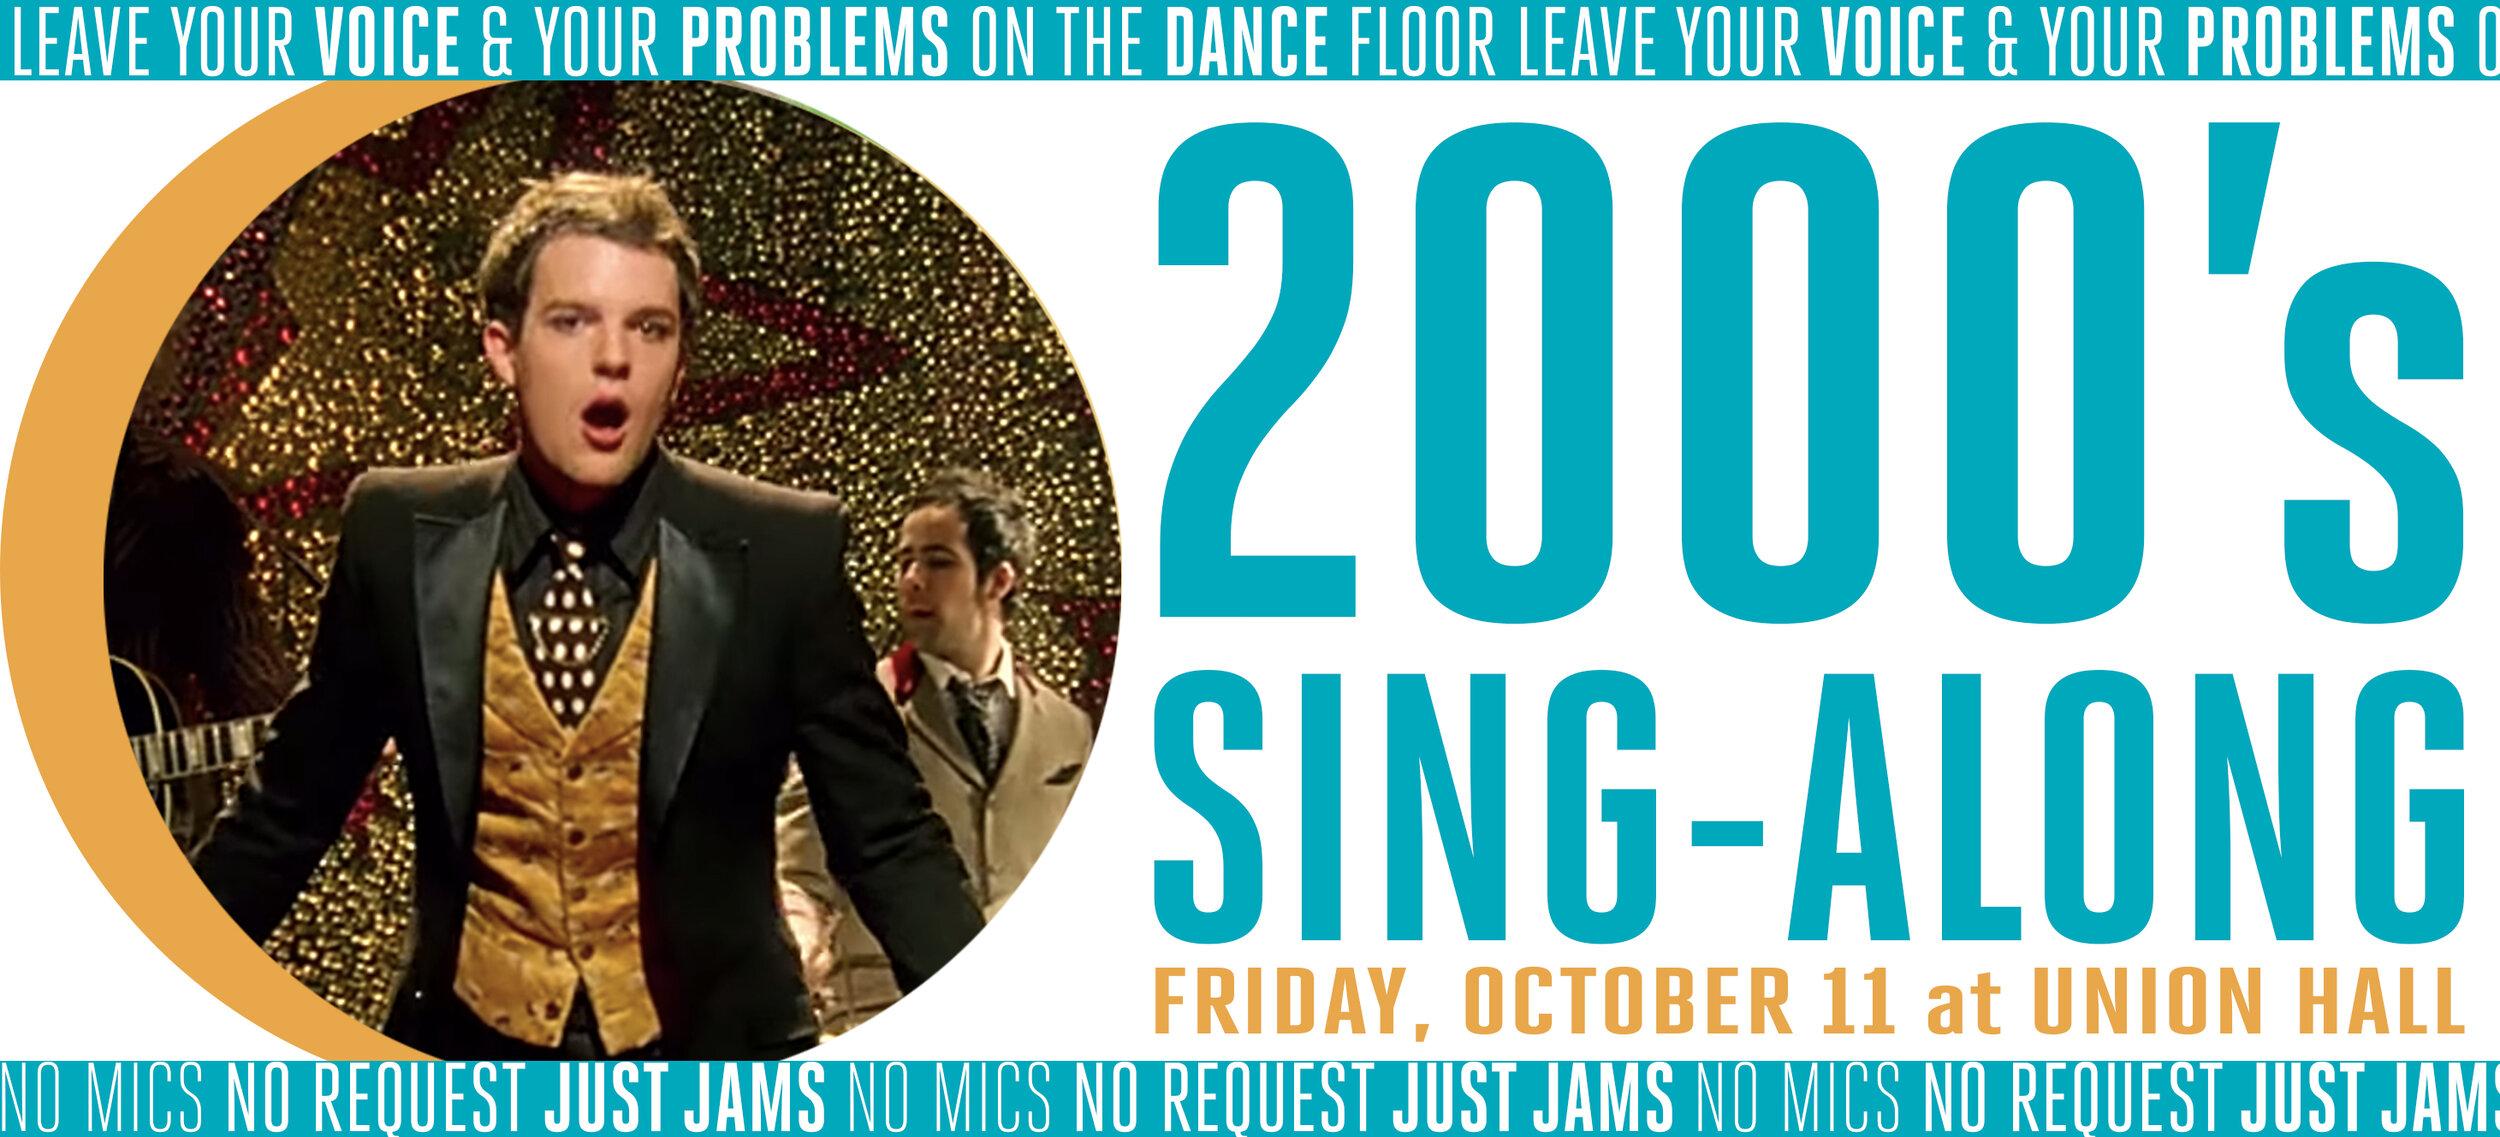 2000s SING-ALONG BANNER KILLERS.jpg